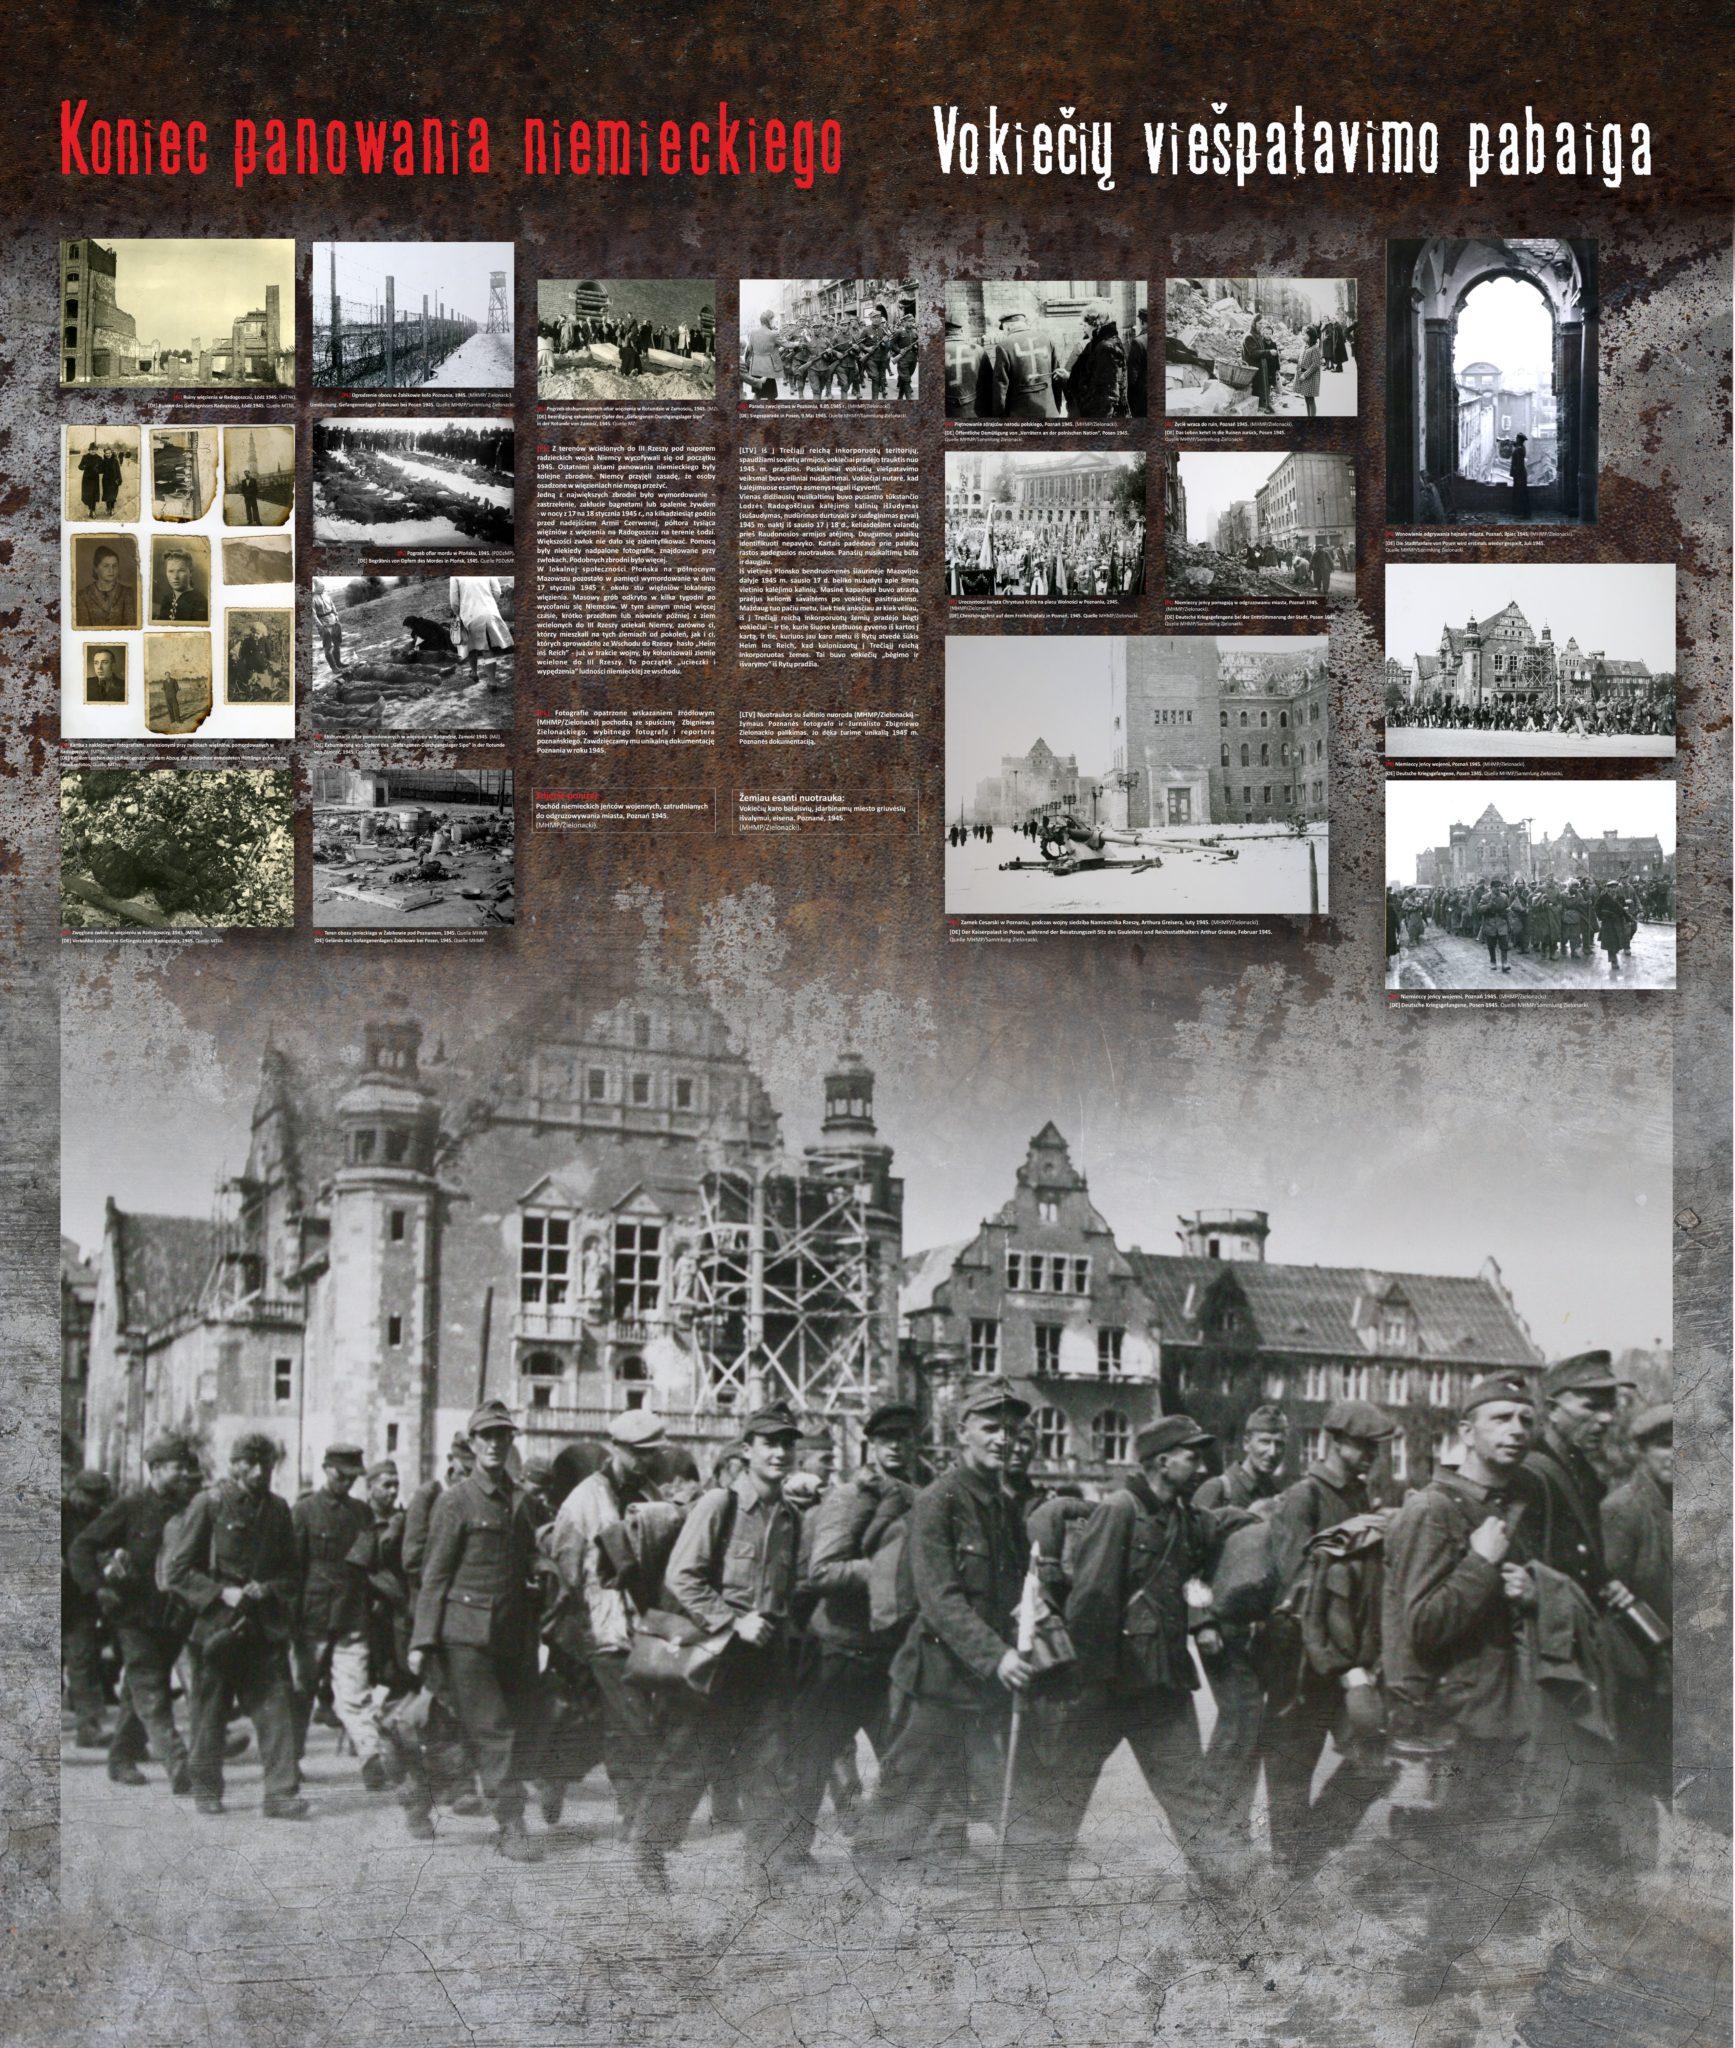 Koniec panowania niemieckiego / Vokiečių viešpatavimo pabaiga